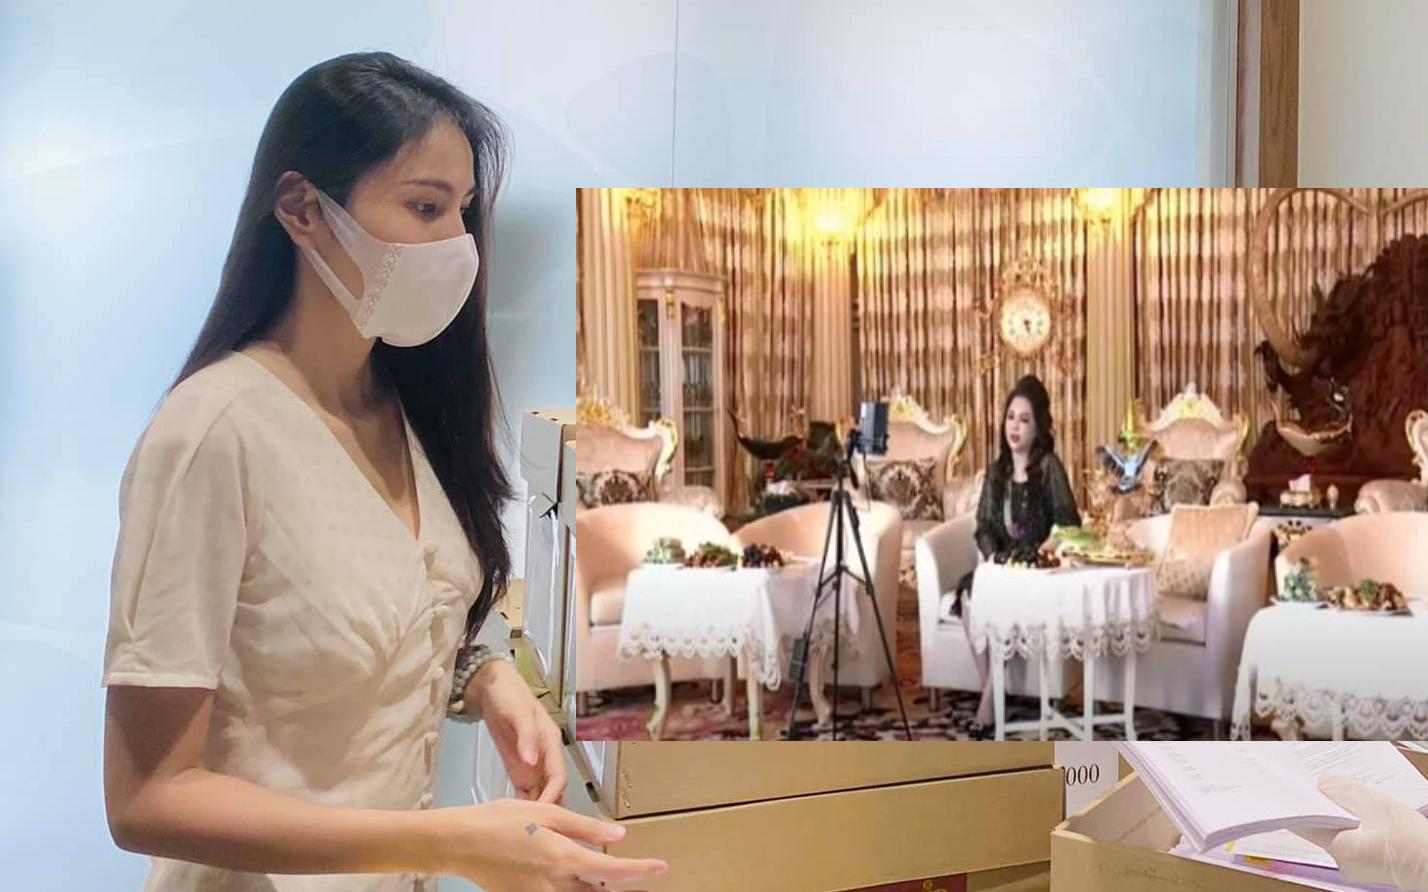 Drama từ thiện của Thủy Tiên vẫn chưa thể kết thúc?